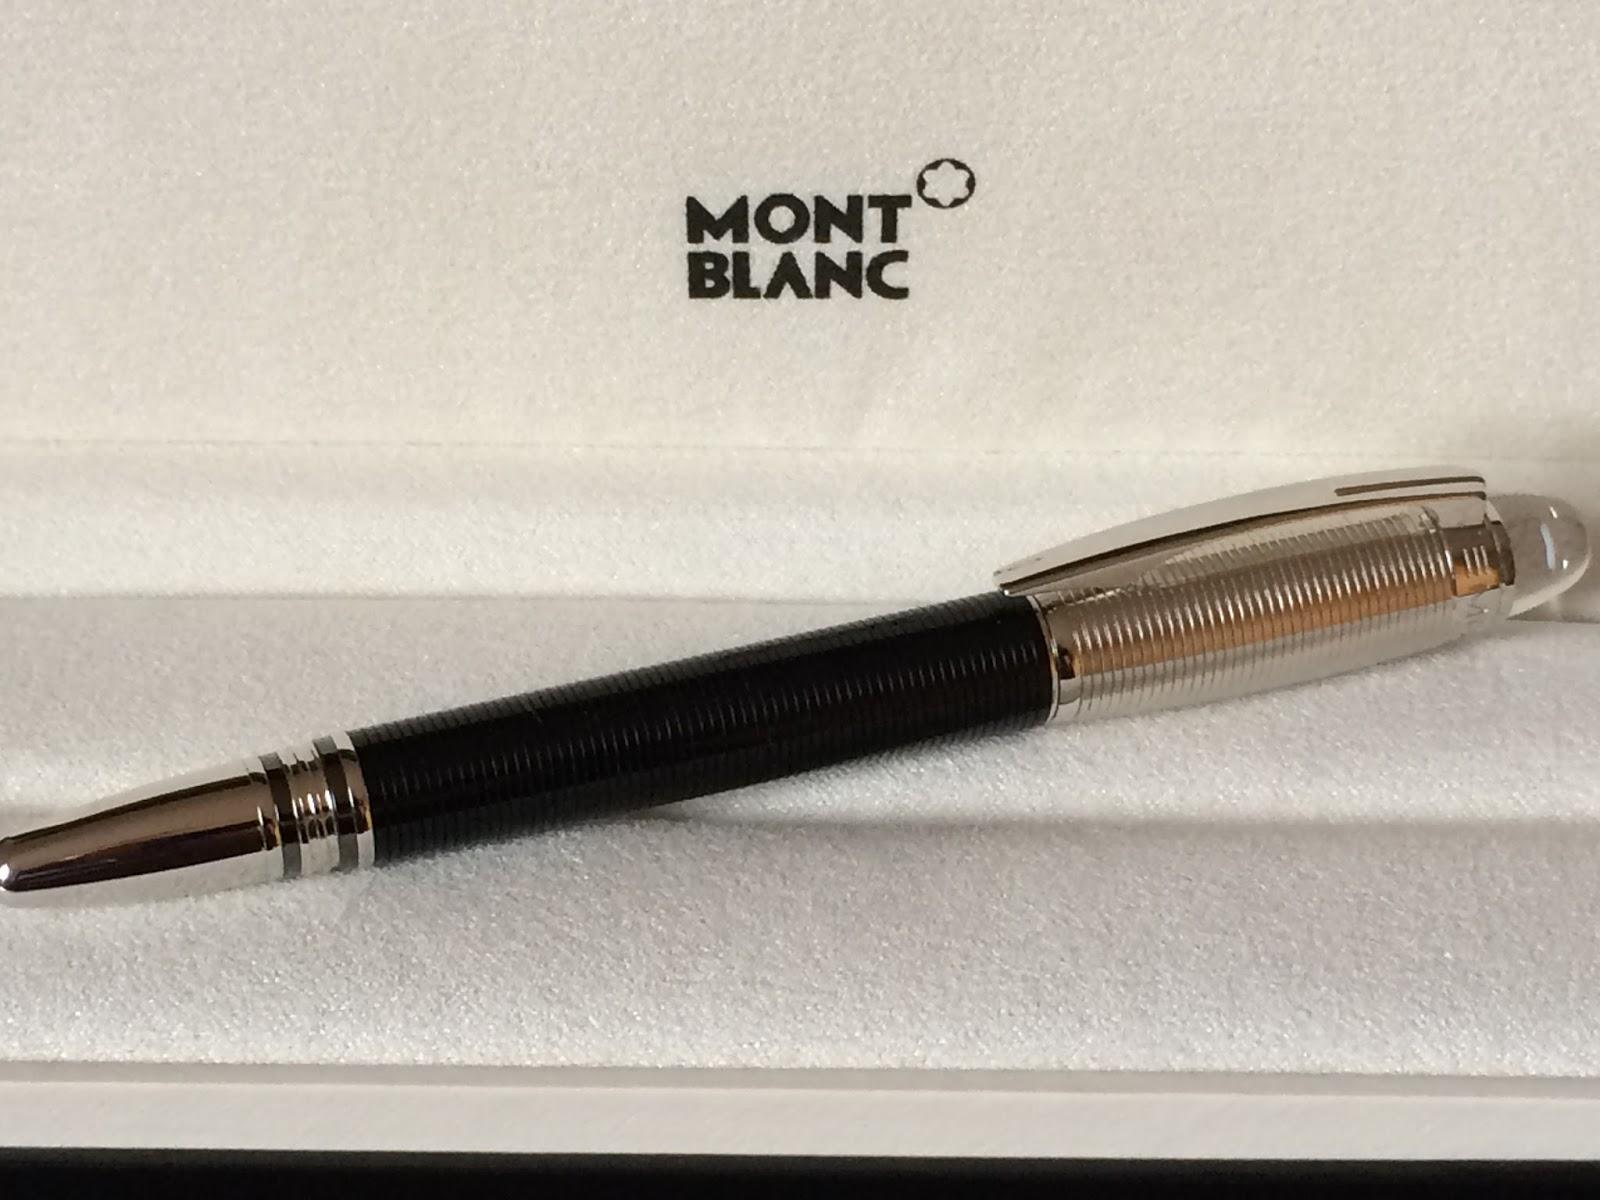 464c9138c51 Duas características marcantes da série Starwalker são o clip e a estrela  flutuante que diferenciam essas canetas das linhas mais clássicas da  Montblanc.